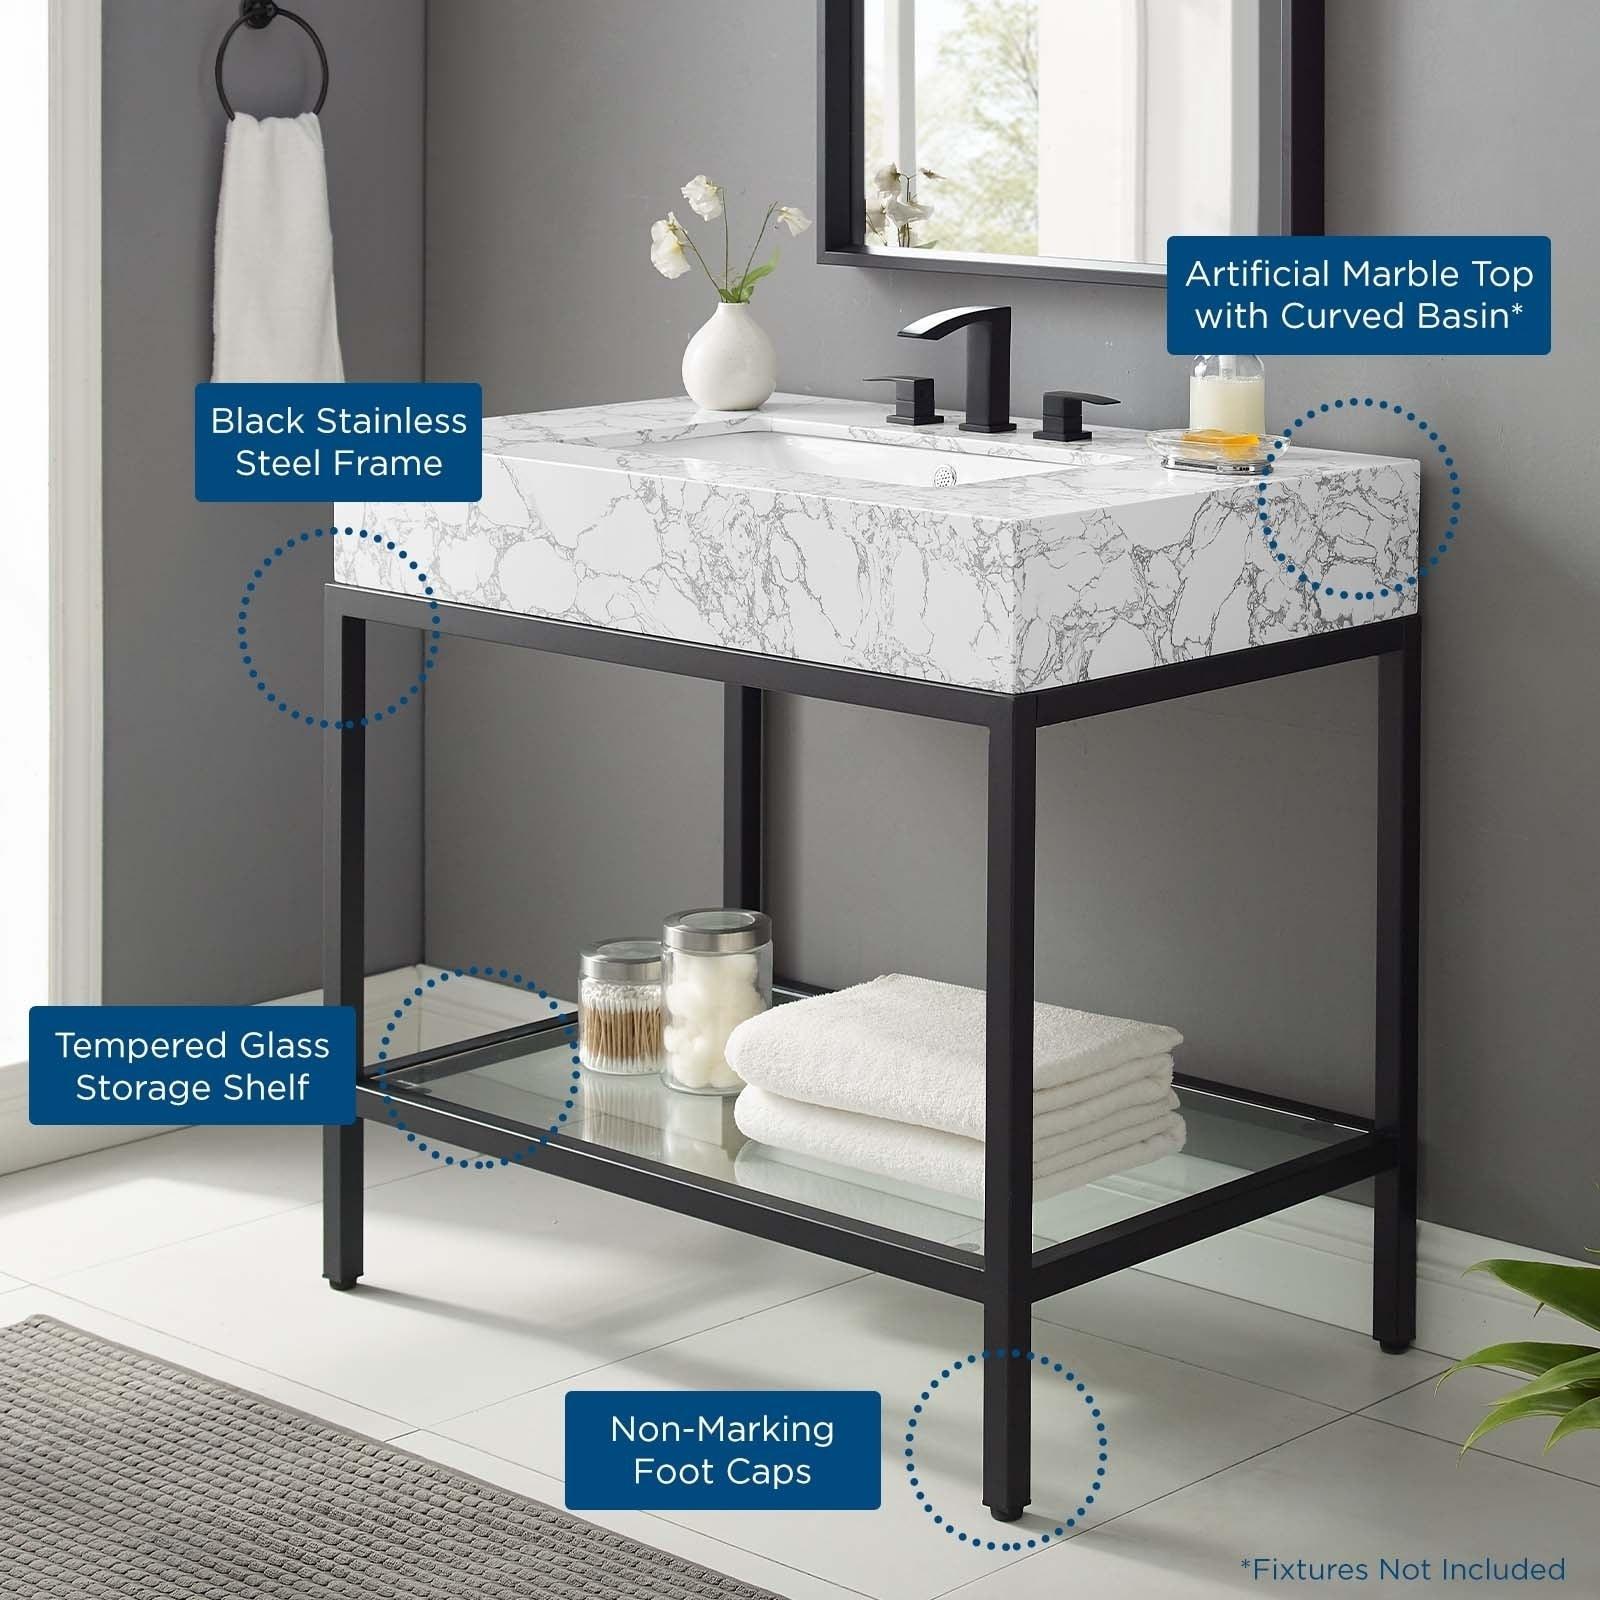 Kingsley 36 Black Stainless Steel Bathroom Vanity